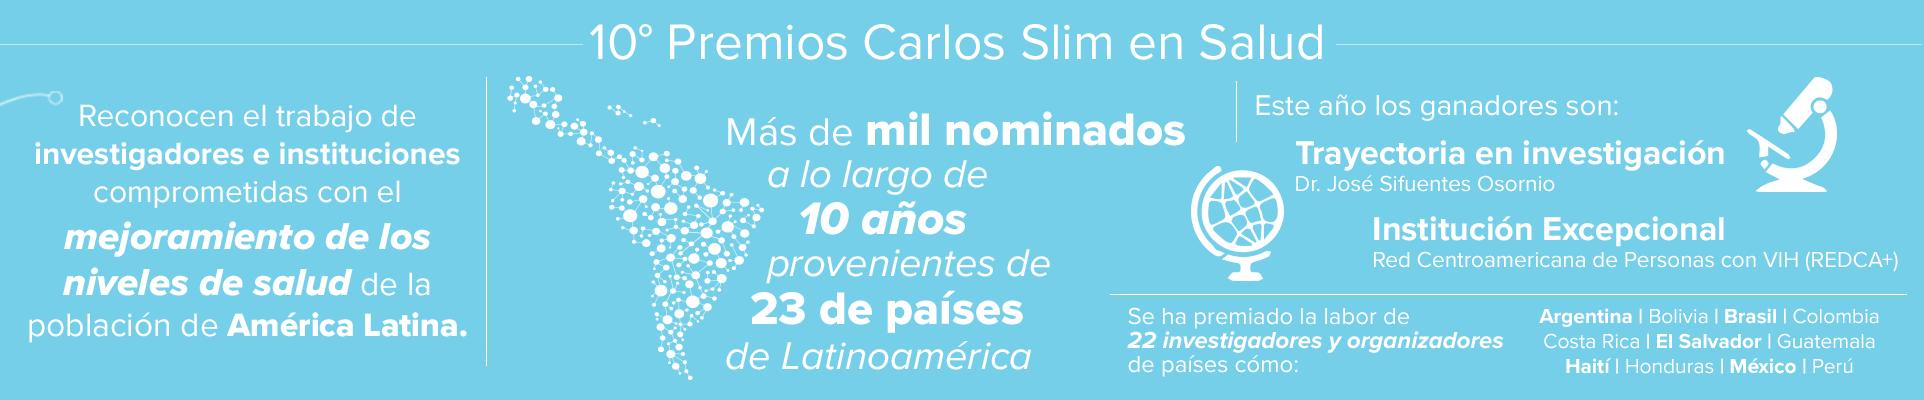 10º Premios Carlos Slim en Salud